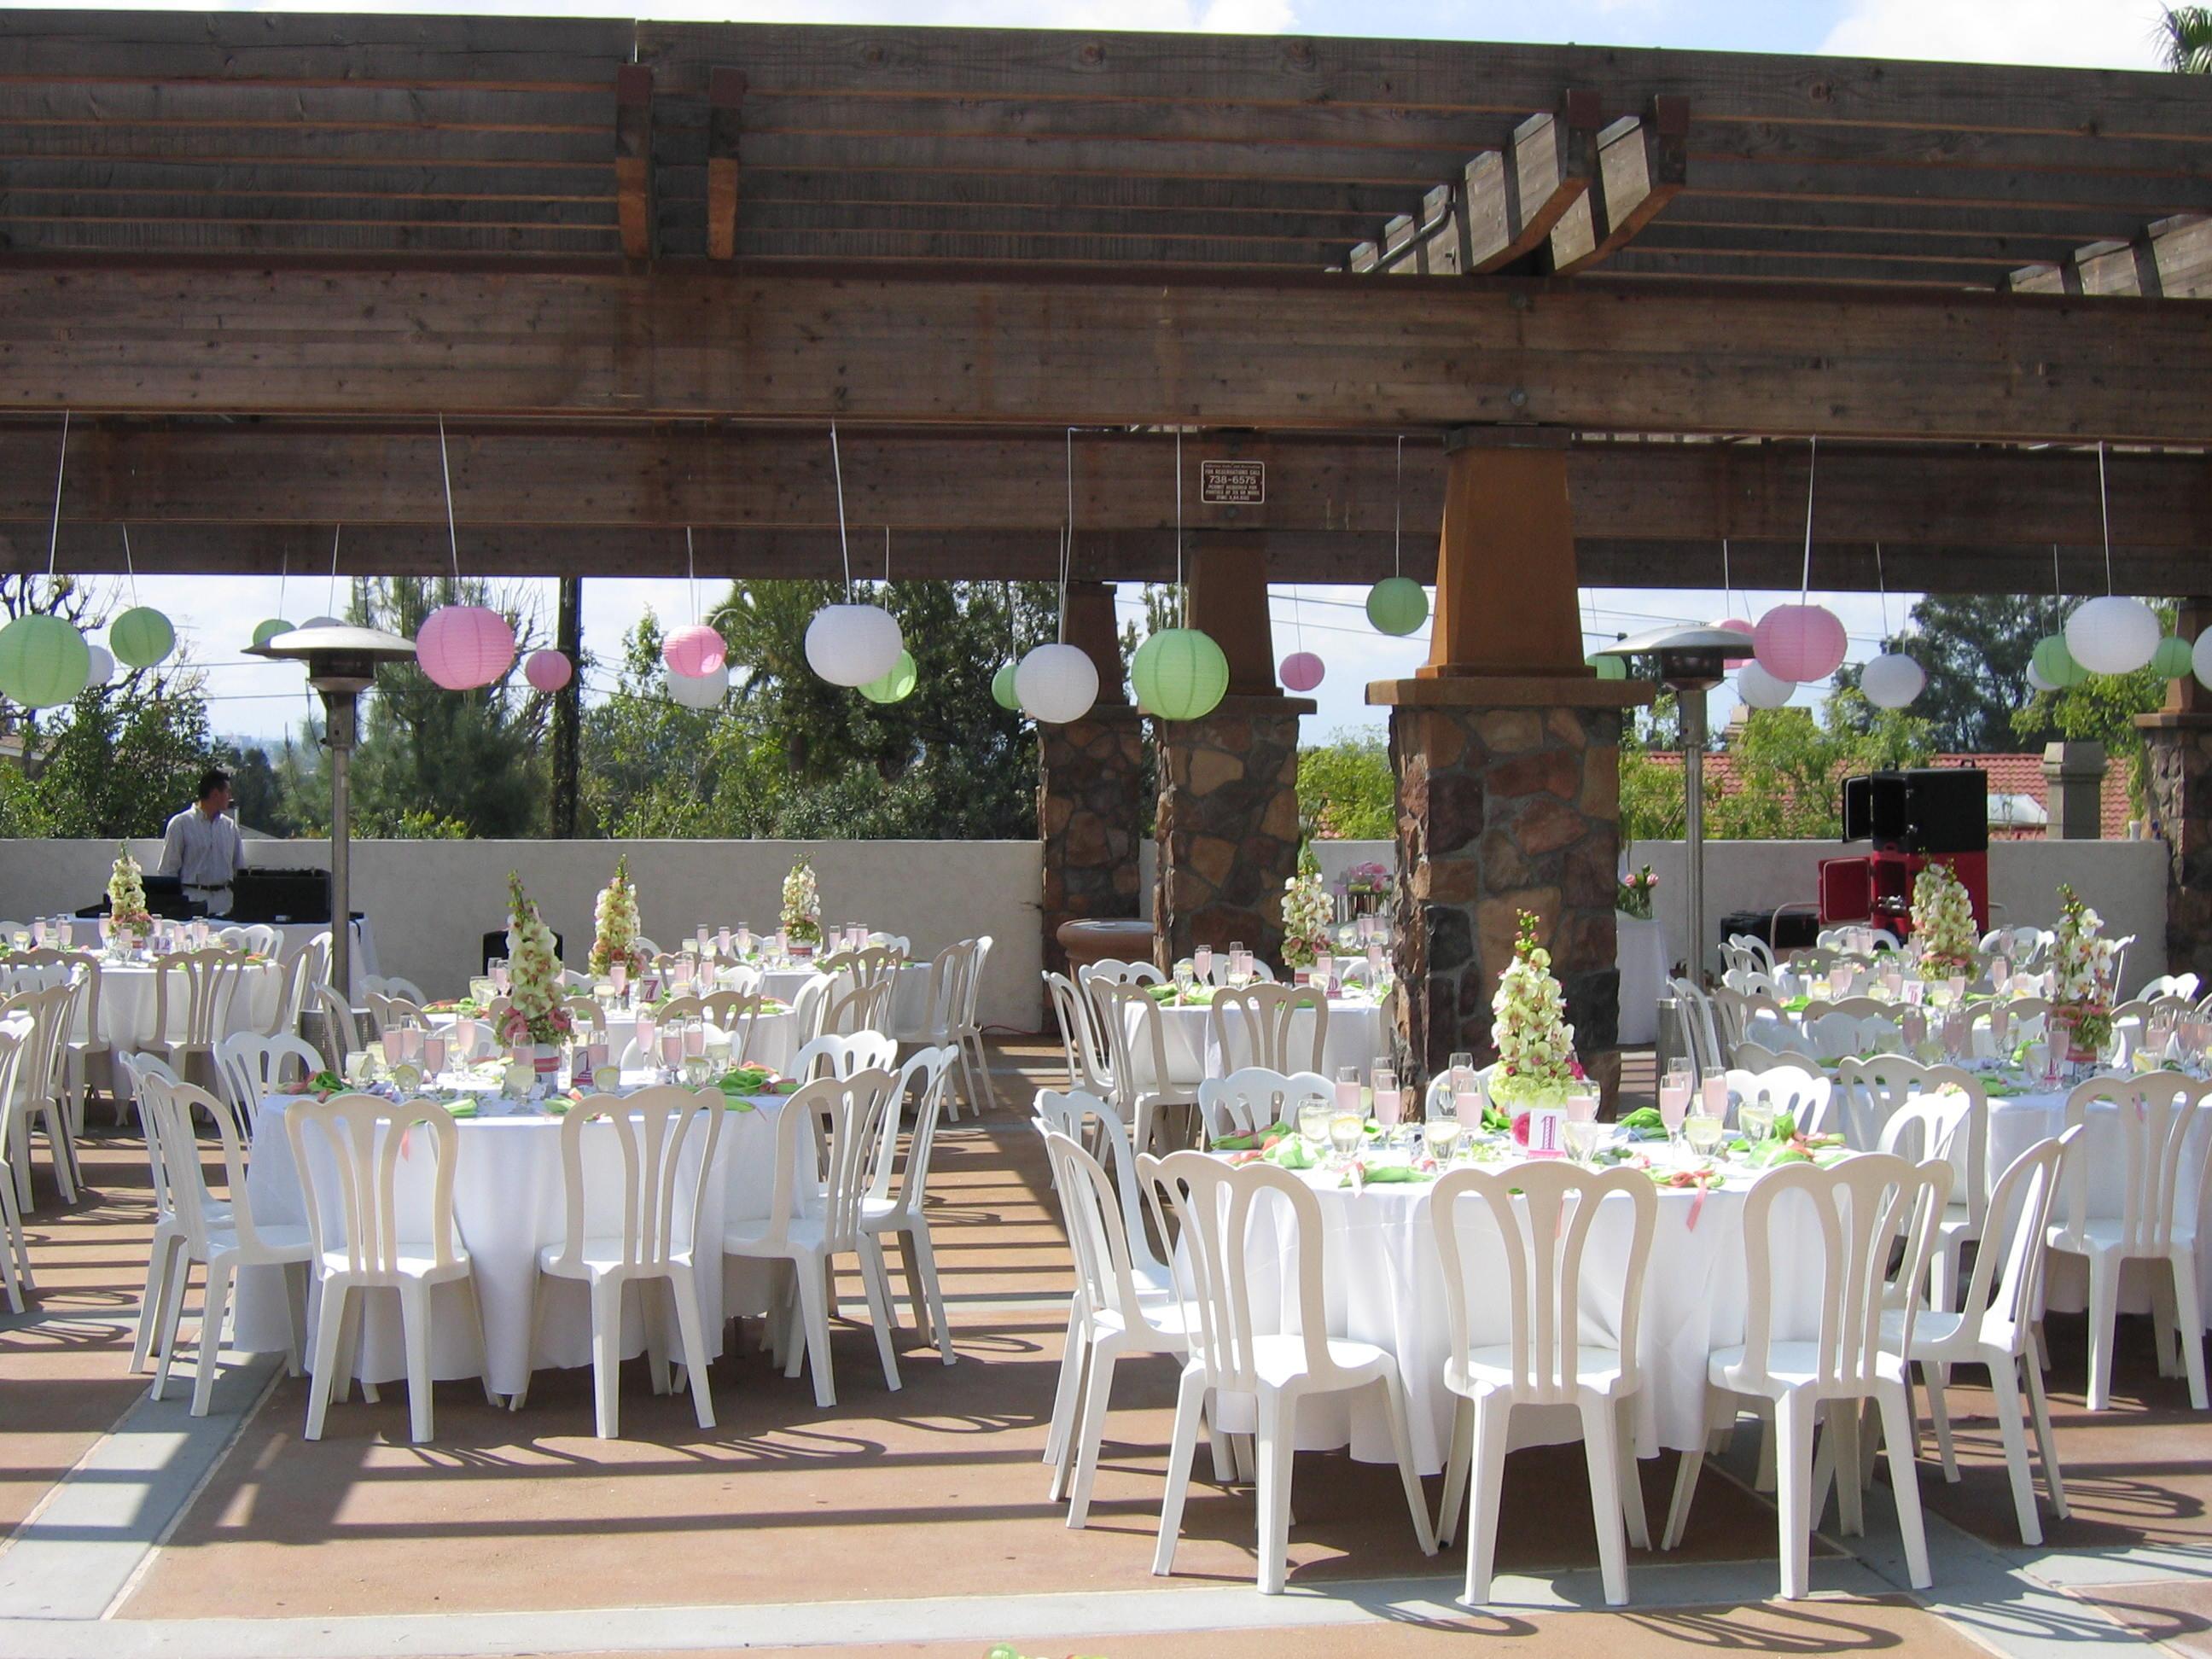 Hillcrest park terrace fullerton orange county premiere for Terrace on the park menu